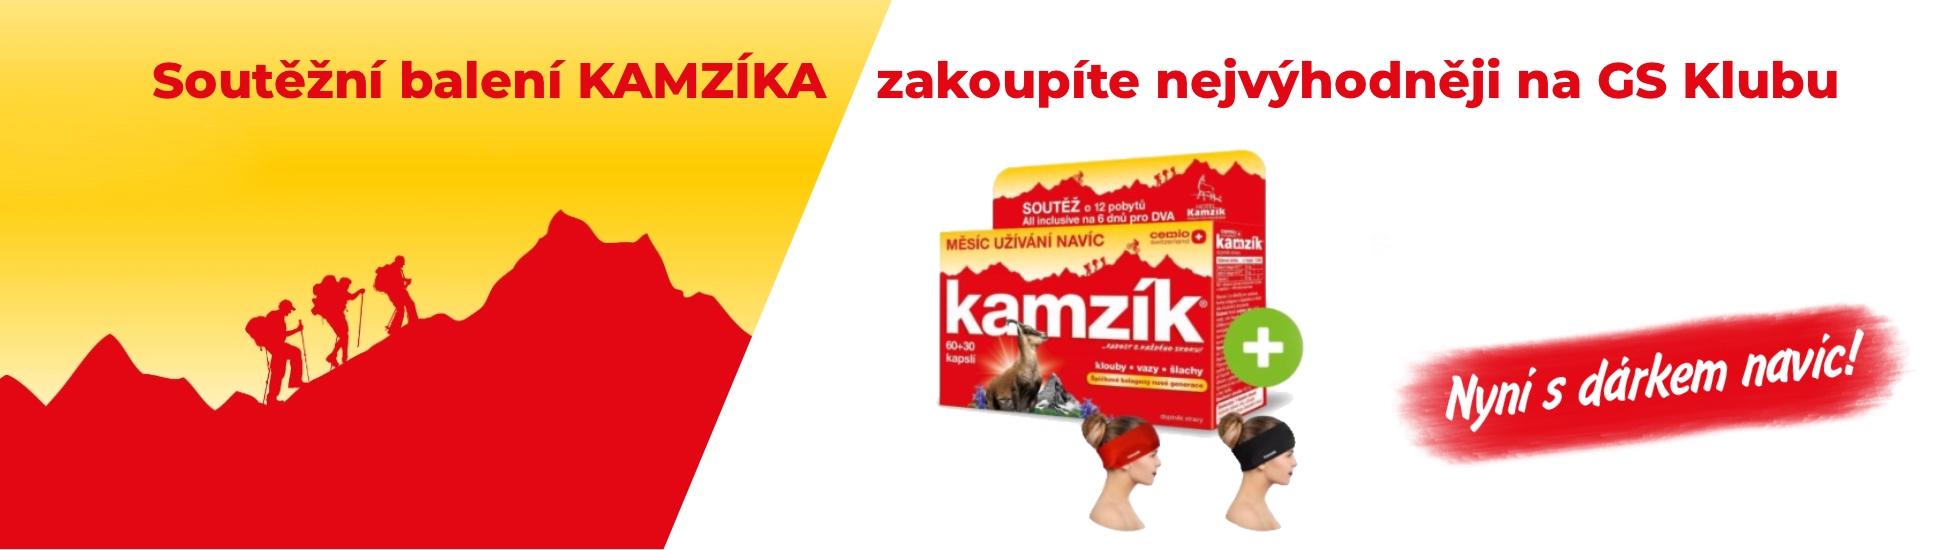 koupit_kamzík